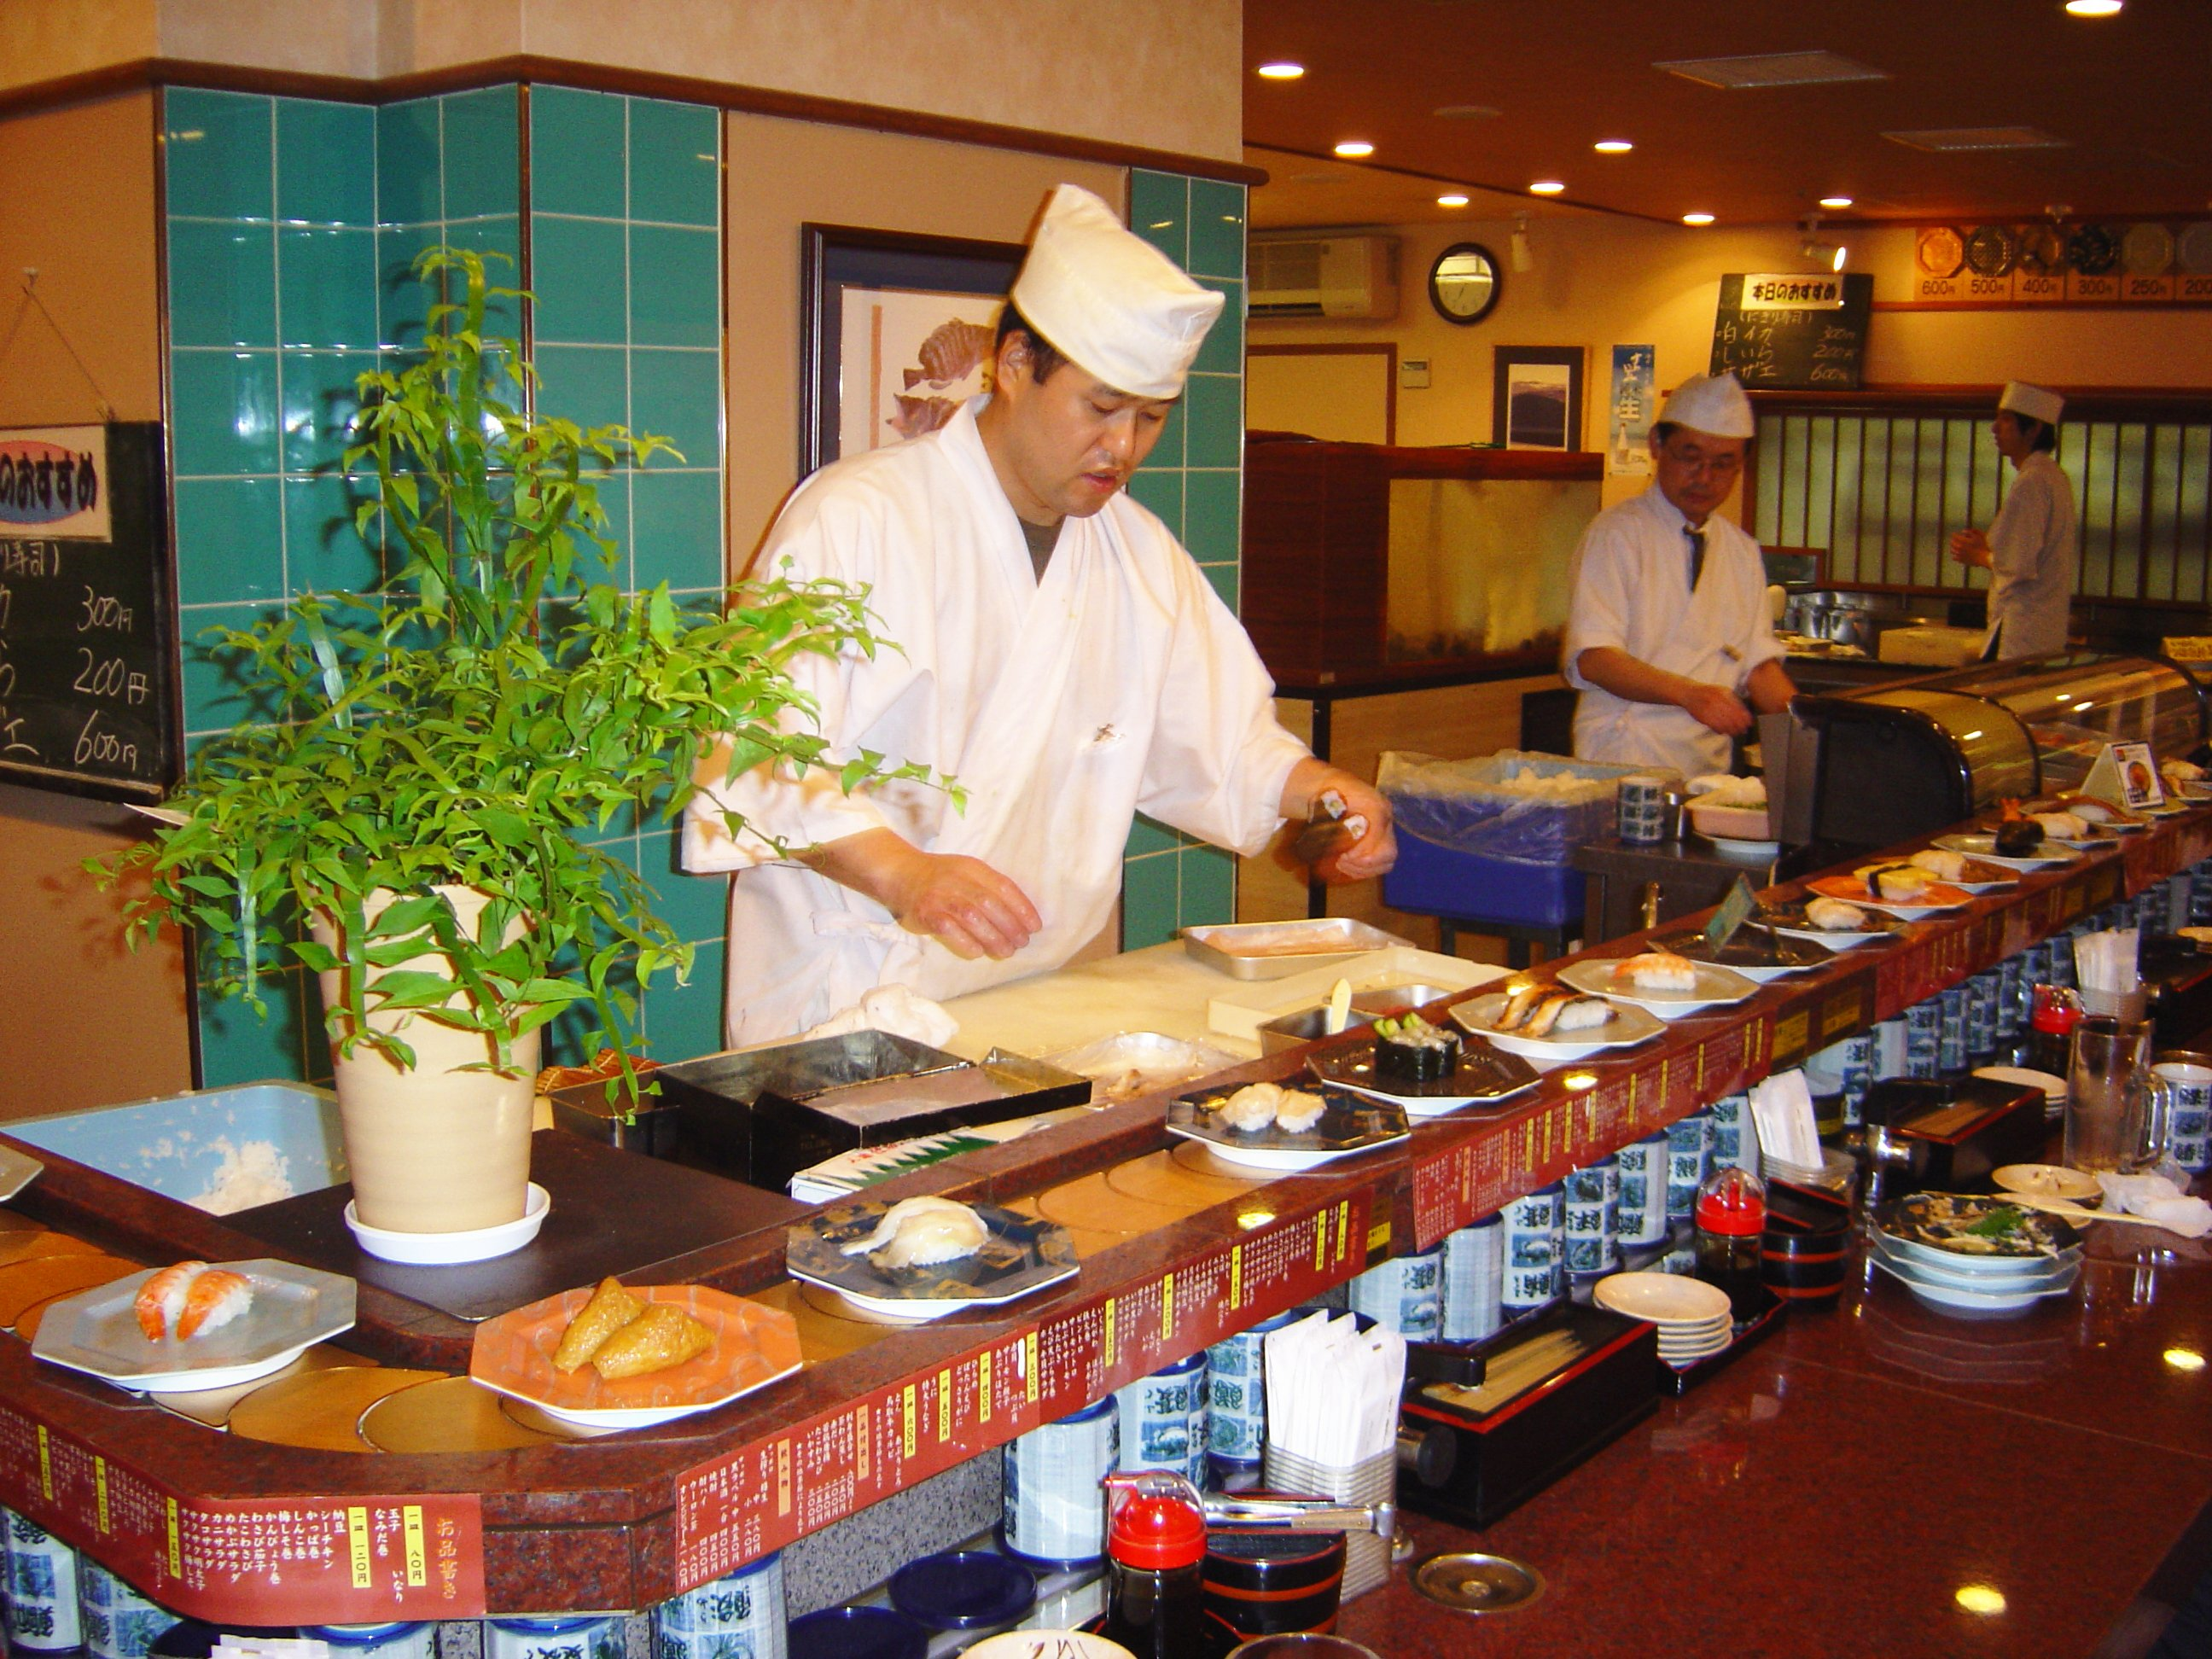 Juego en el bar de sushi